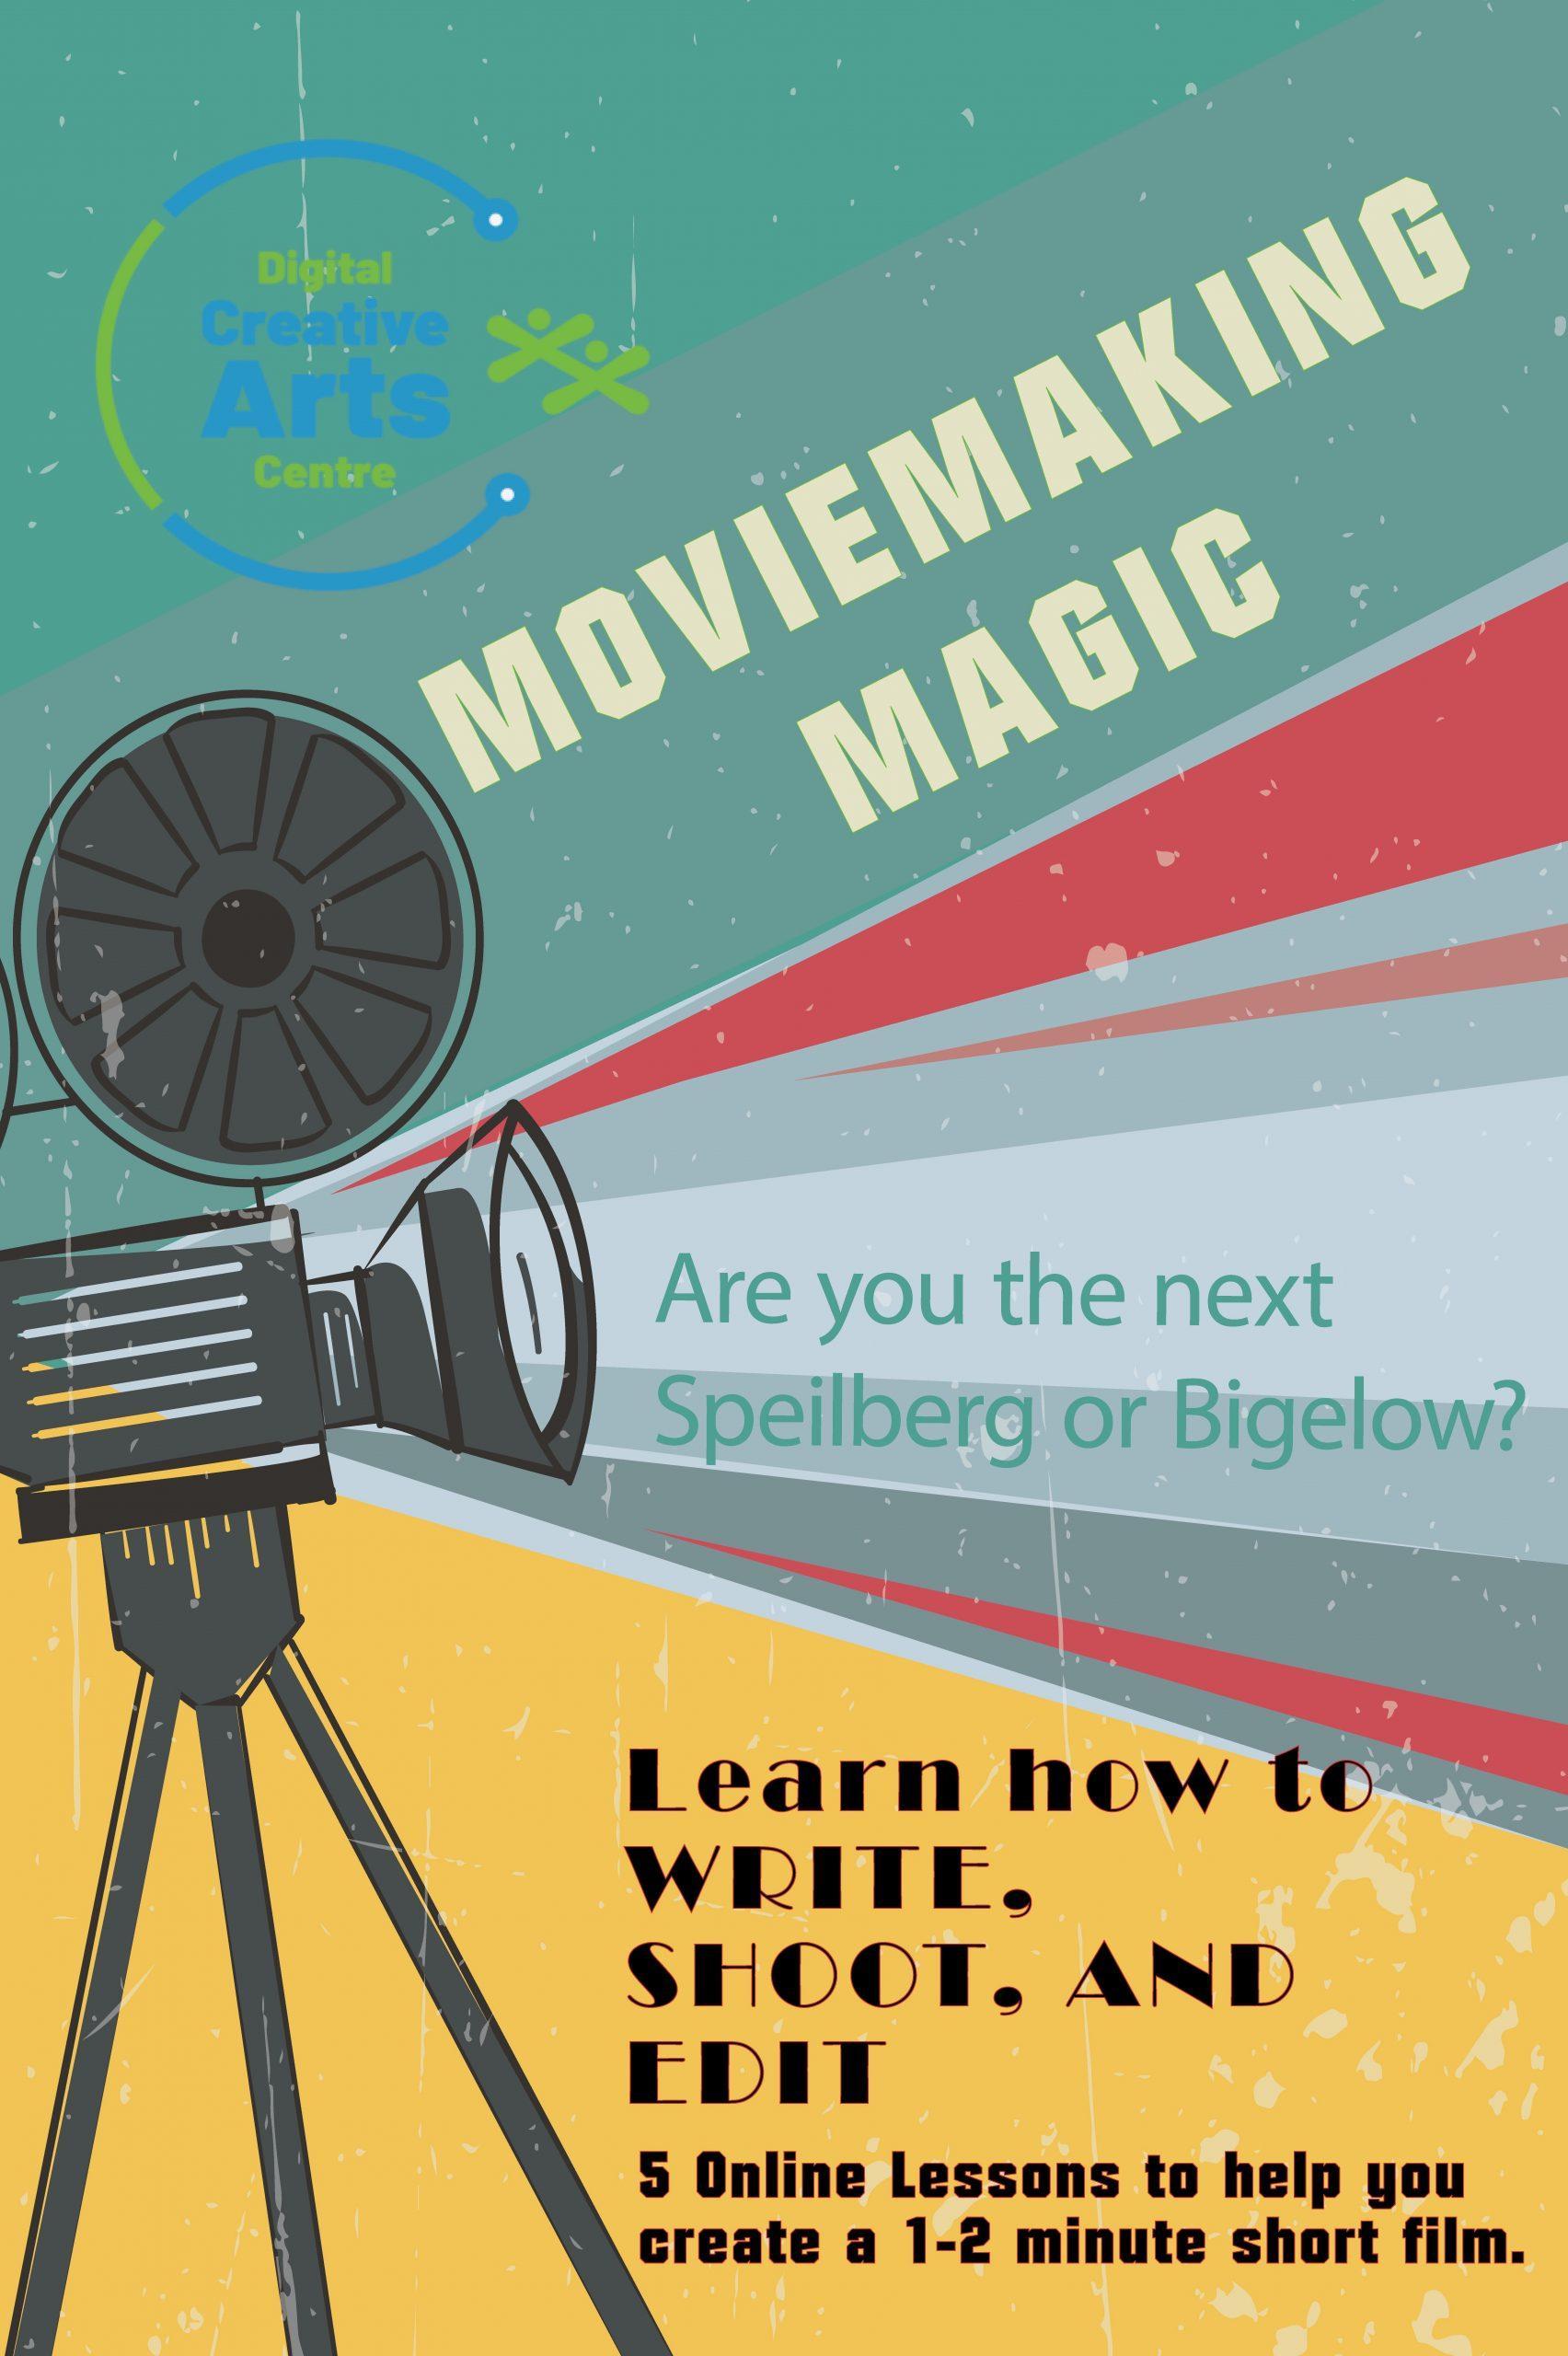 Videography Workshop with Kevin Labonte